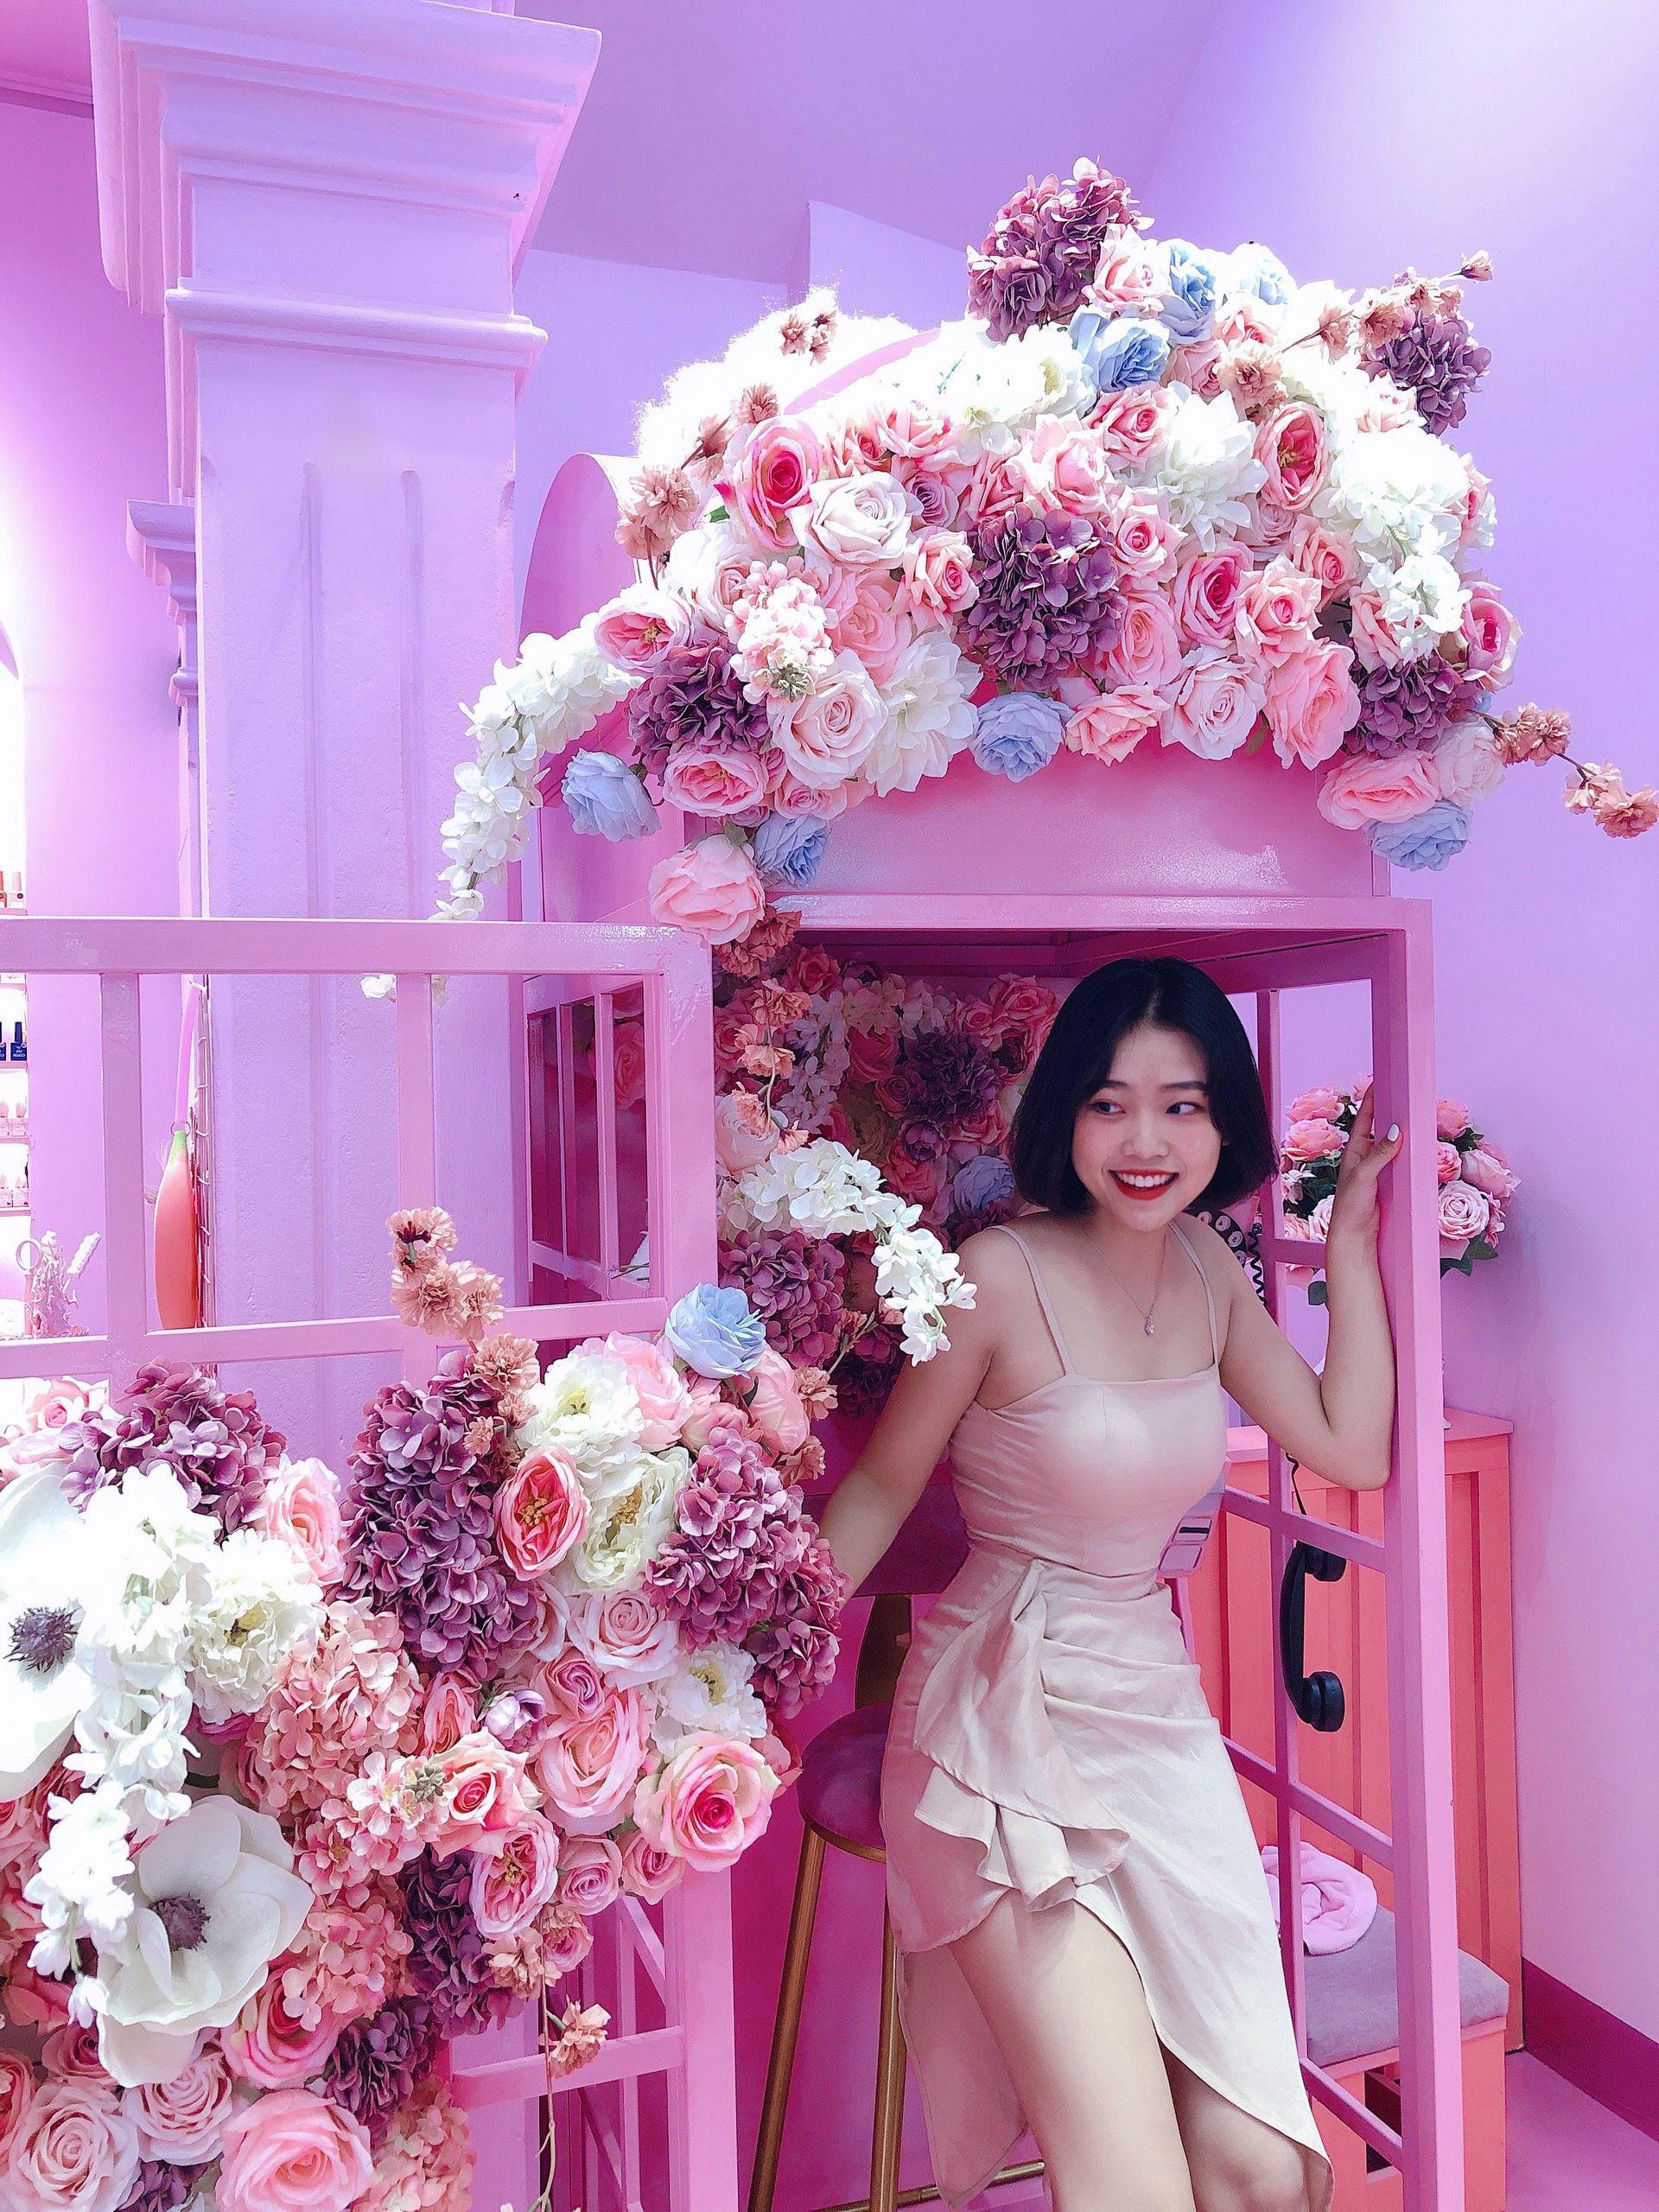 Giới trẻ hào hứng check-in với tiệm nail Hàn Quốc thu nhỏ - Ảnh 2.